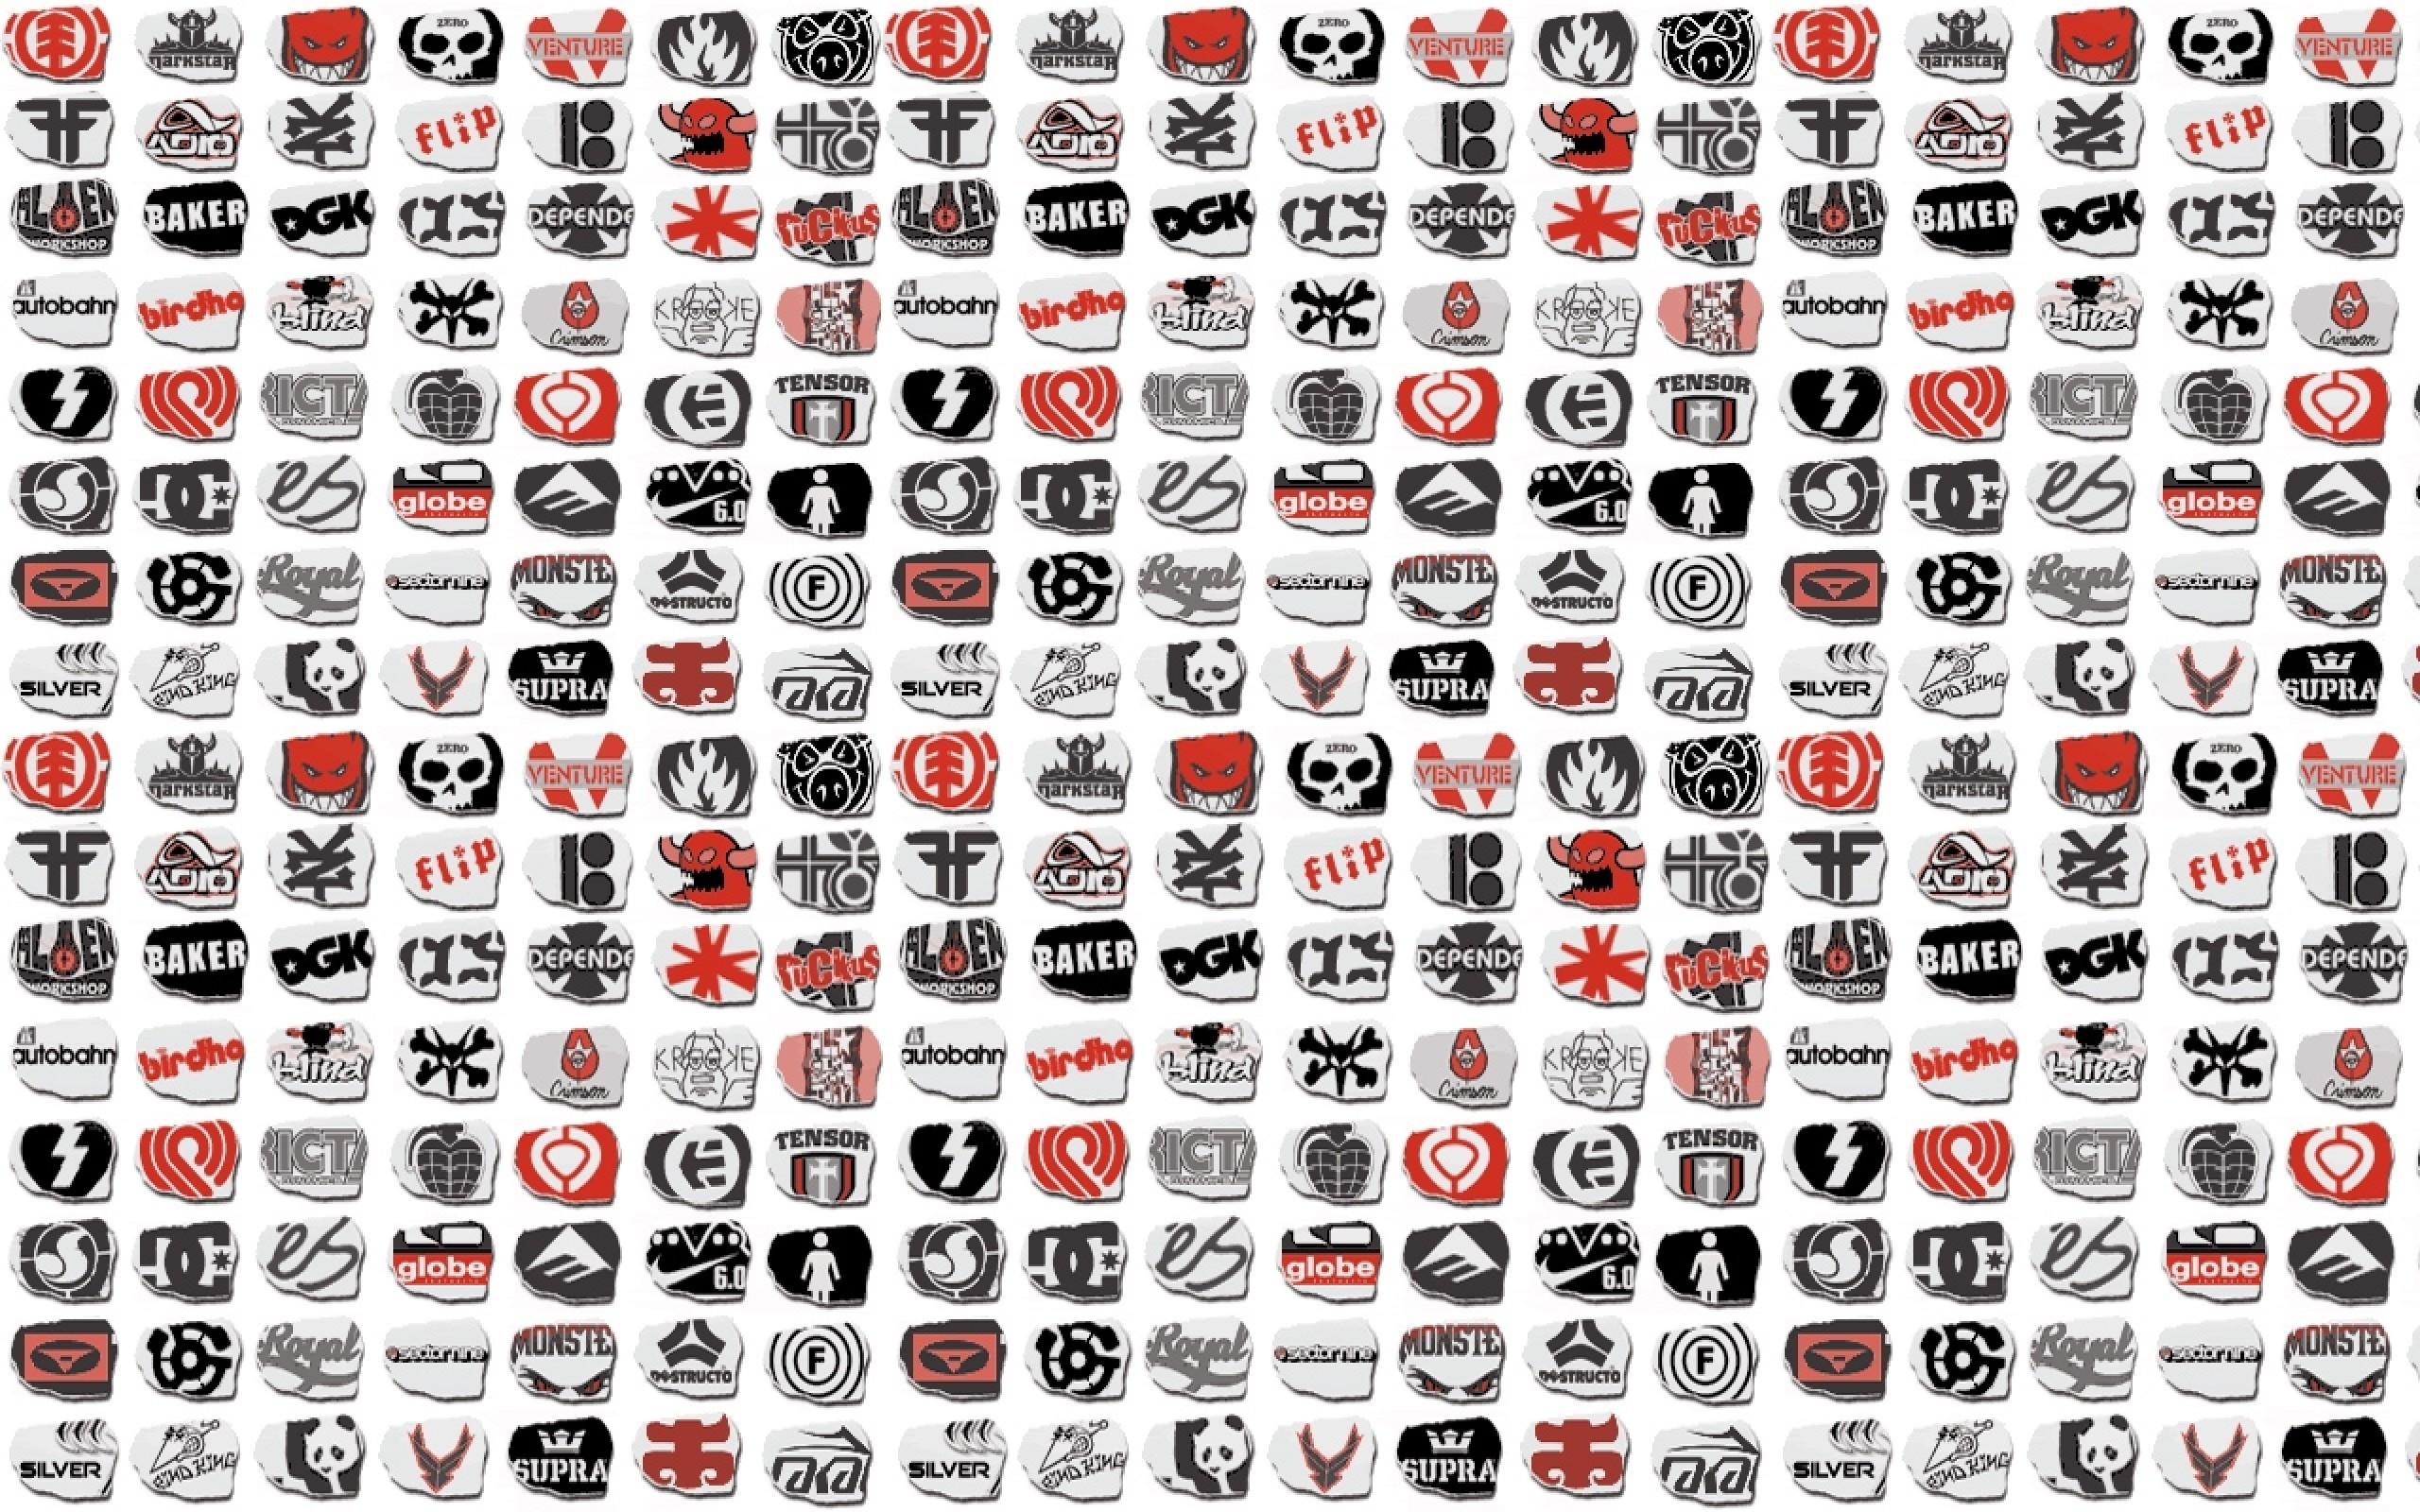 2560x1600 Logos Skate Wallpaper HD Download 1080x1920